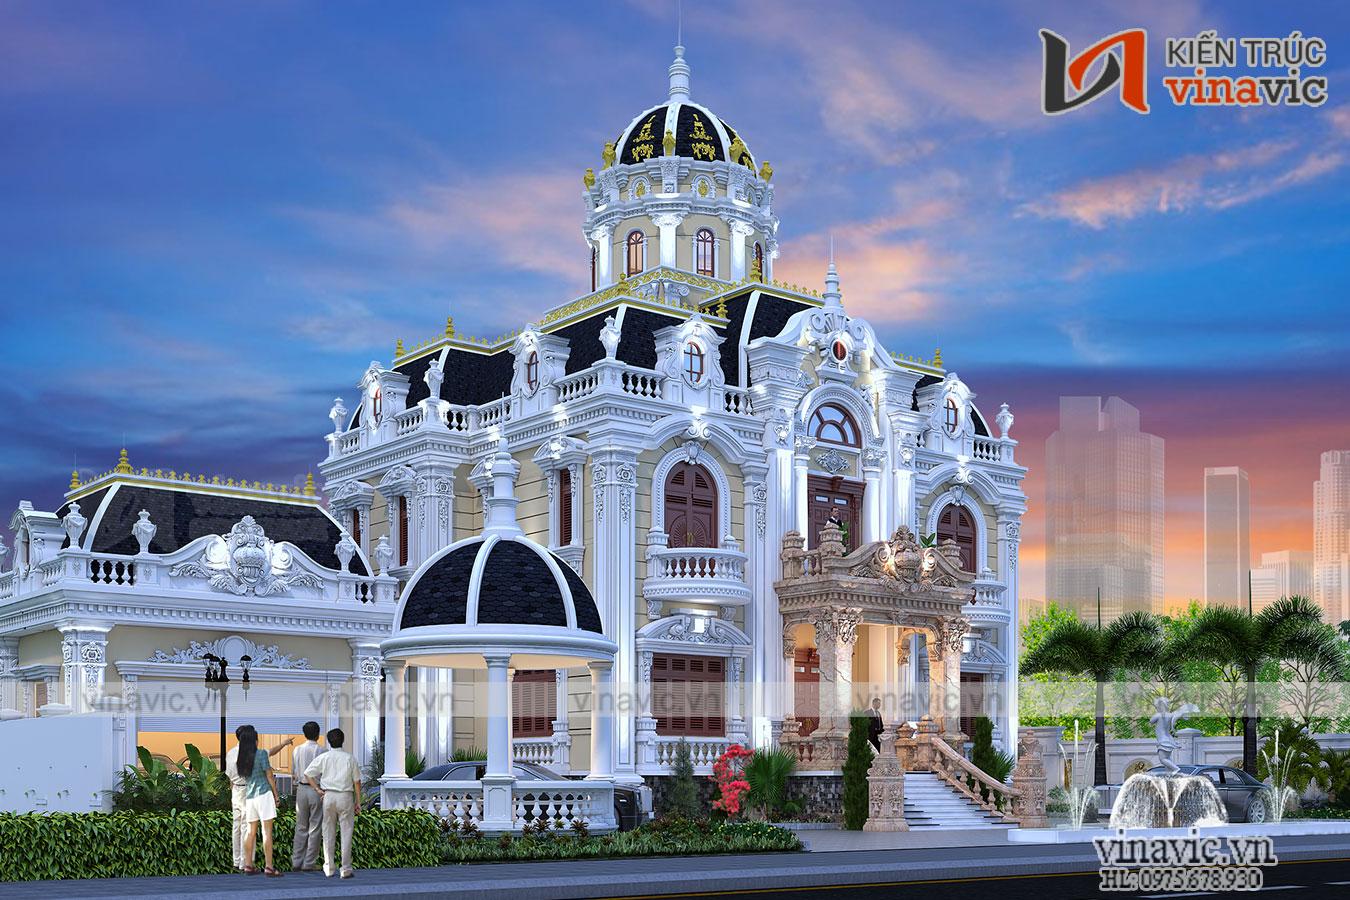 Thiết kế lâu đài kiểu Pháp đẳng cấp tinh tế từng chi tiết LDDT1901